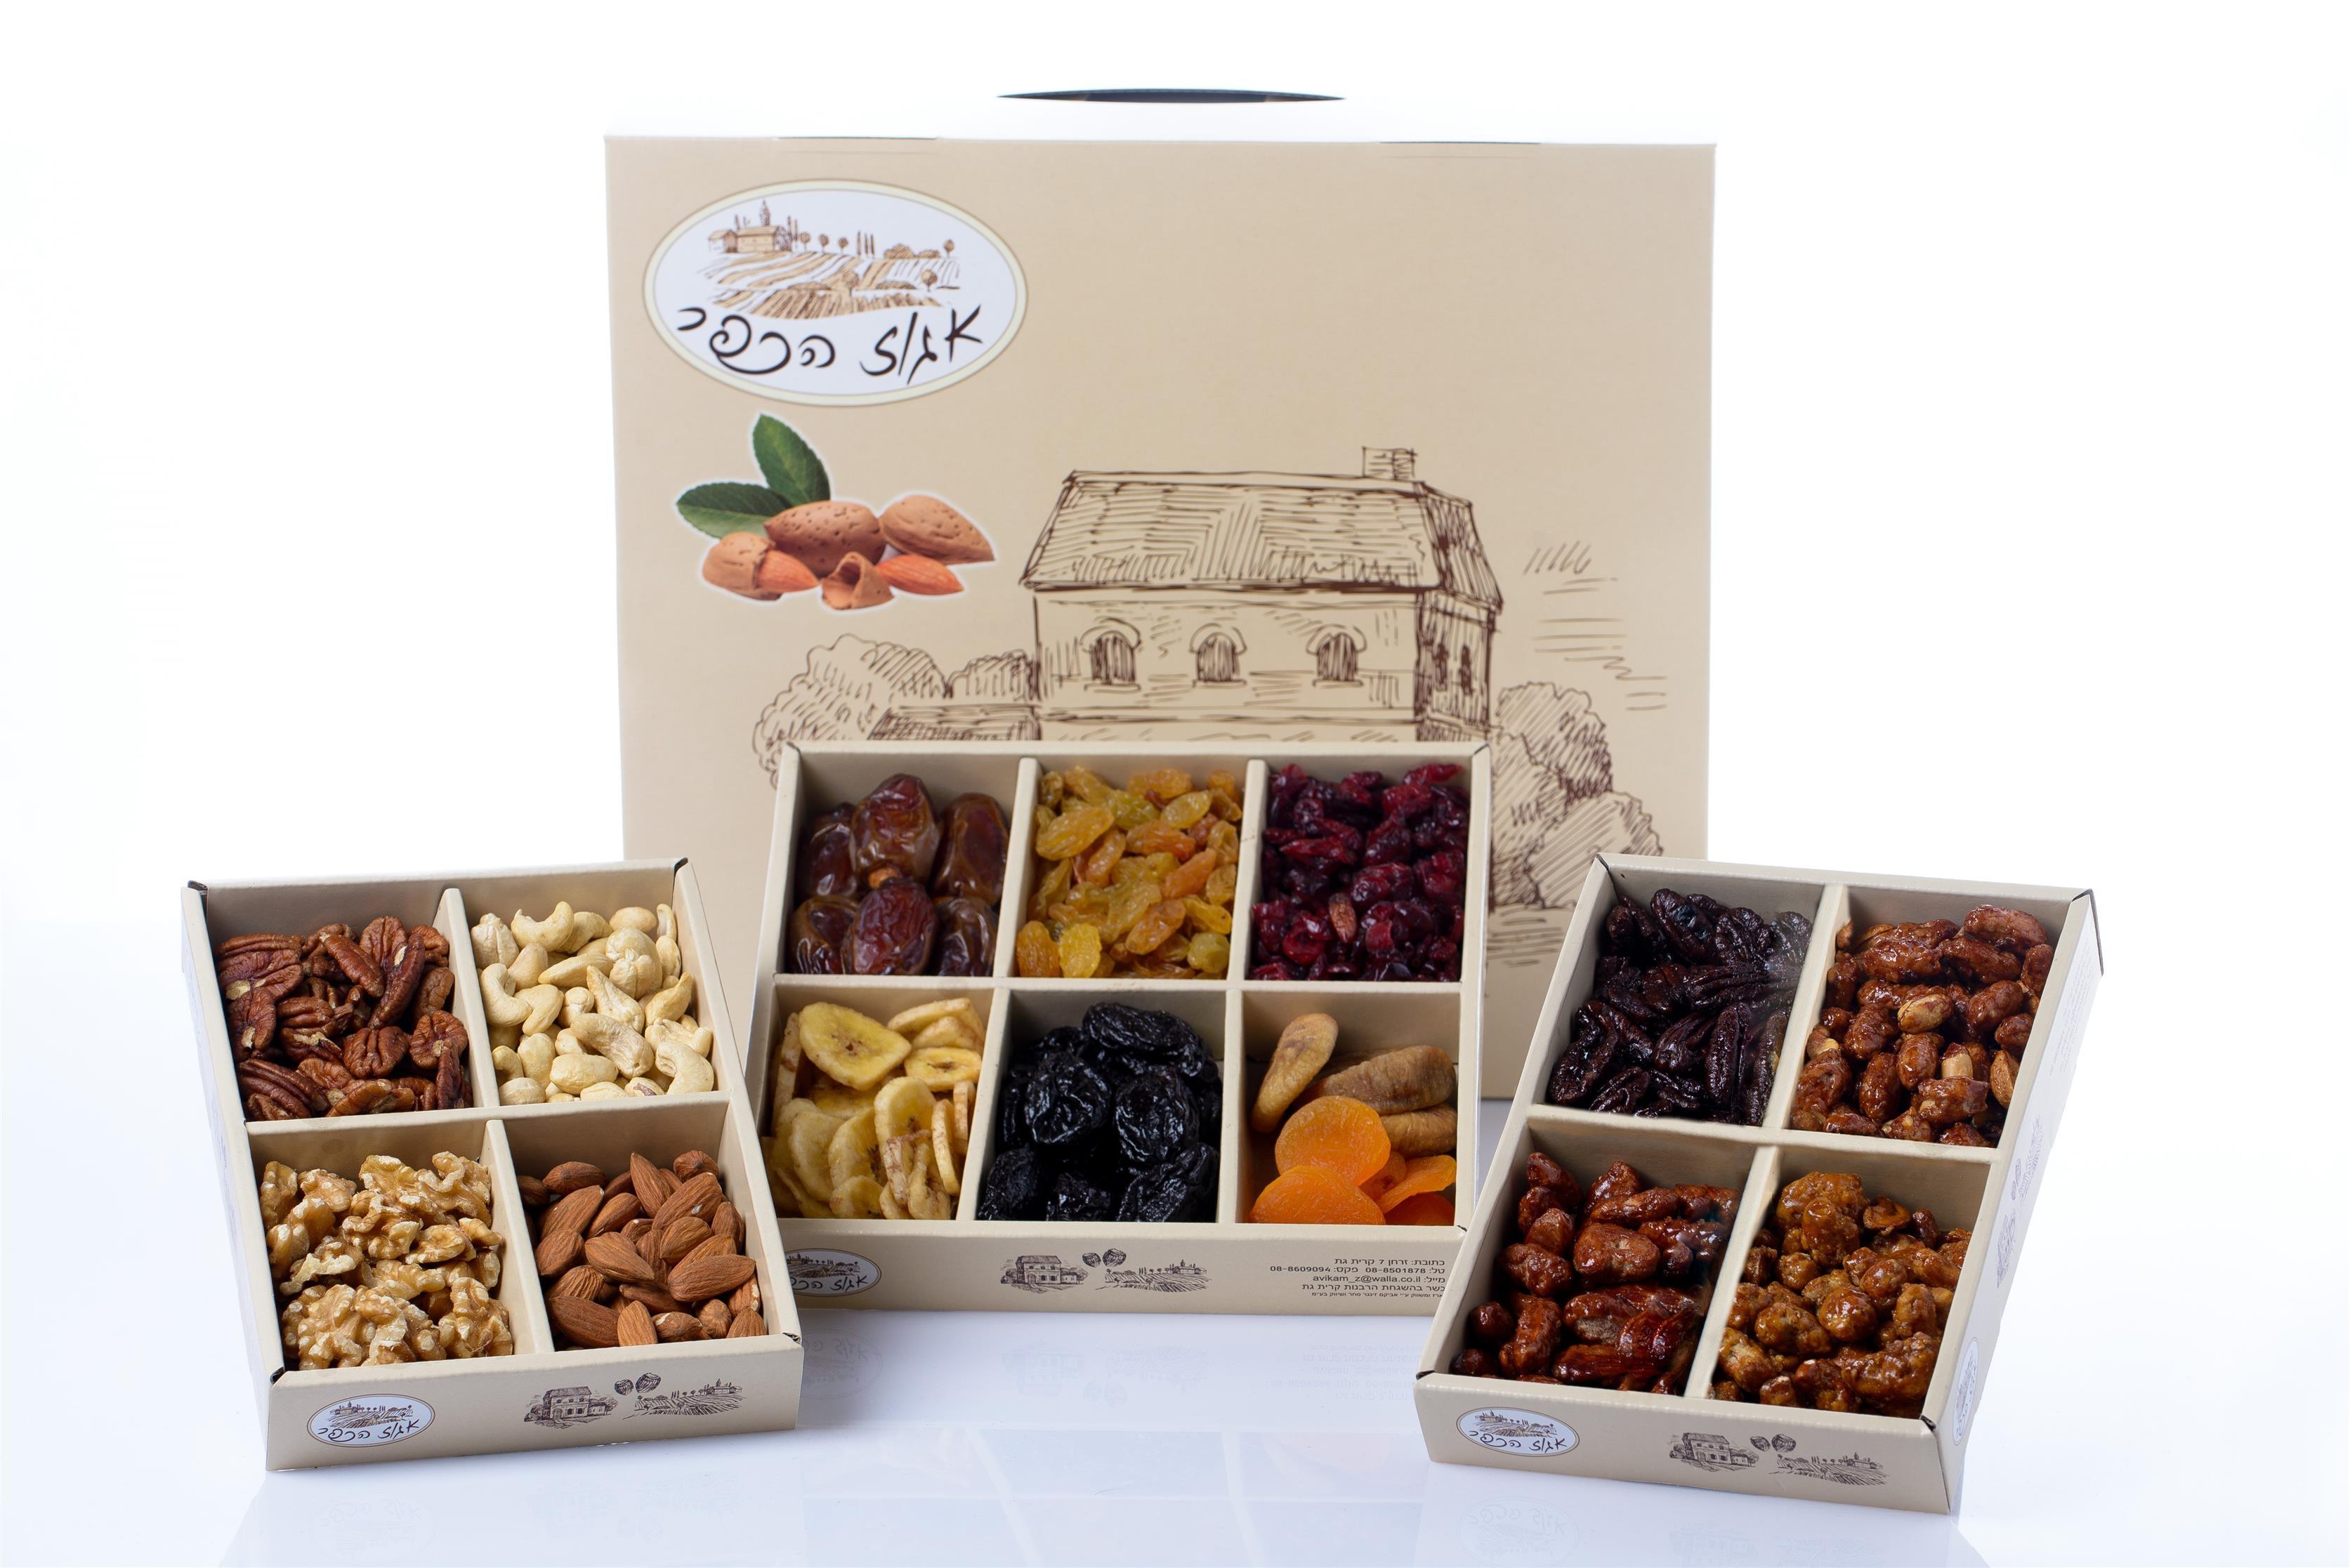 Накануне праздника Ту би-Шват: новая серия упаковок сухофруктов и орехов компании «Эгоз ха-кфар»